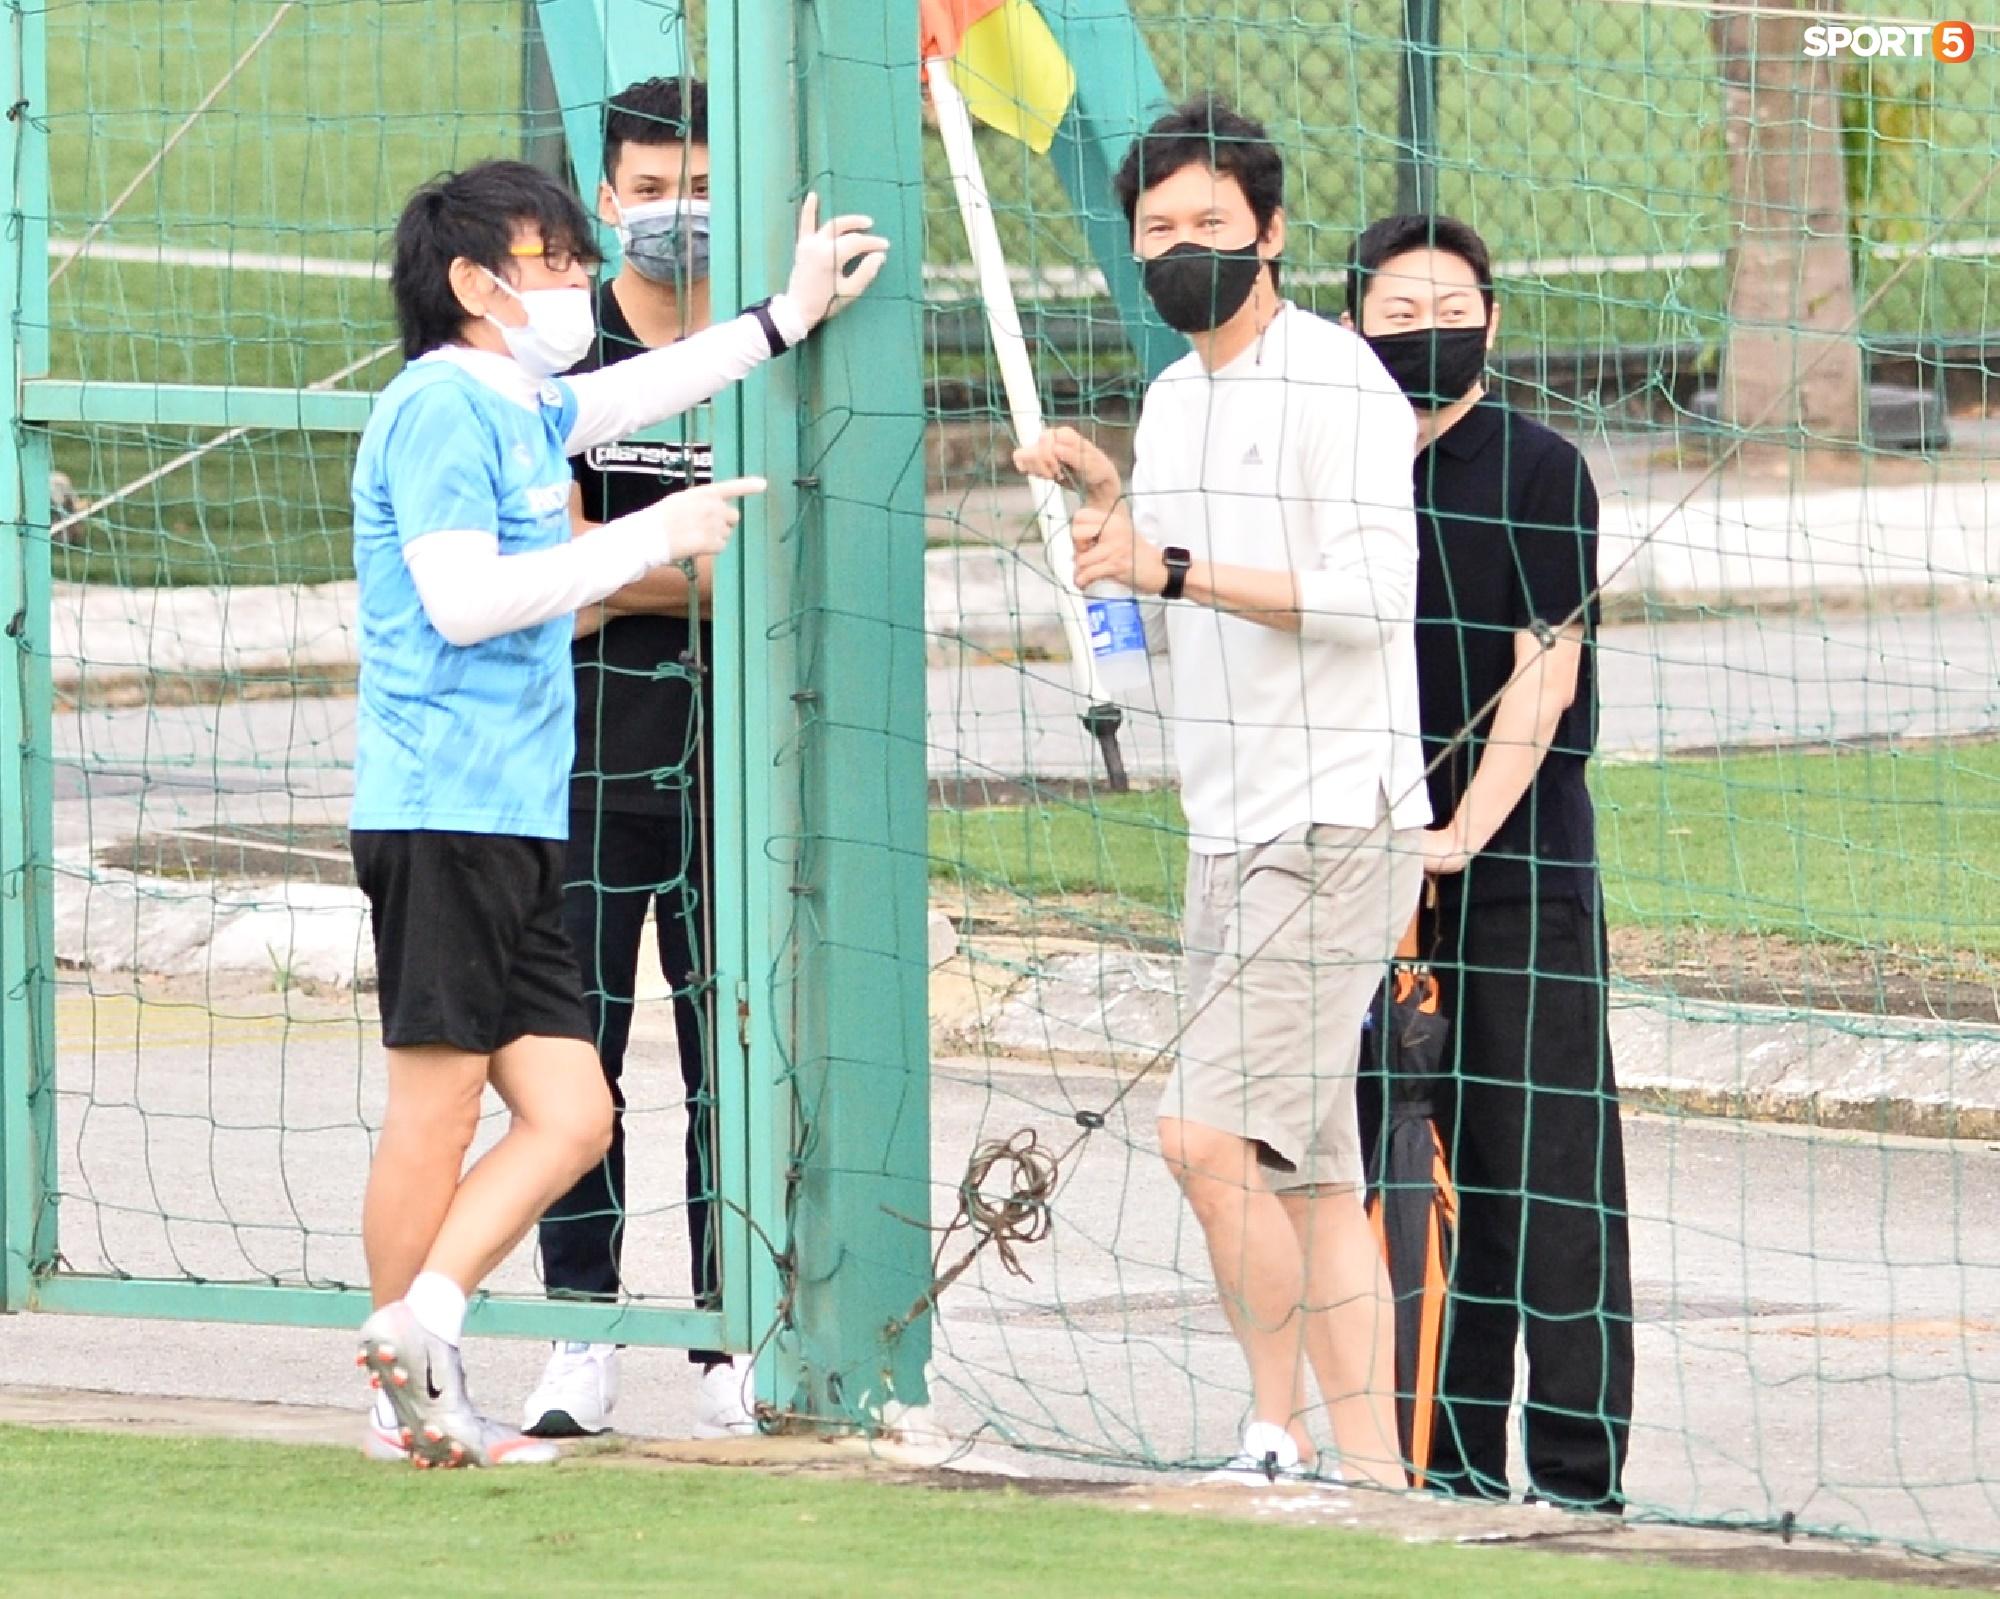 Chuyên gia 9x của CLB Hà Nội bất ngờ thị sát đội tuyển Việt Nam tập luyện - Ảnh 1.